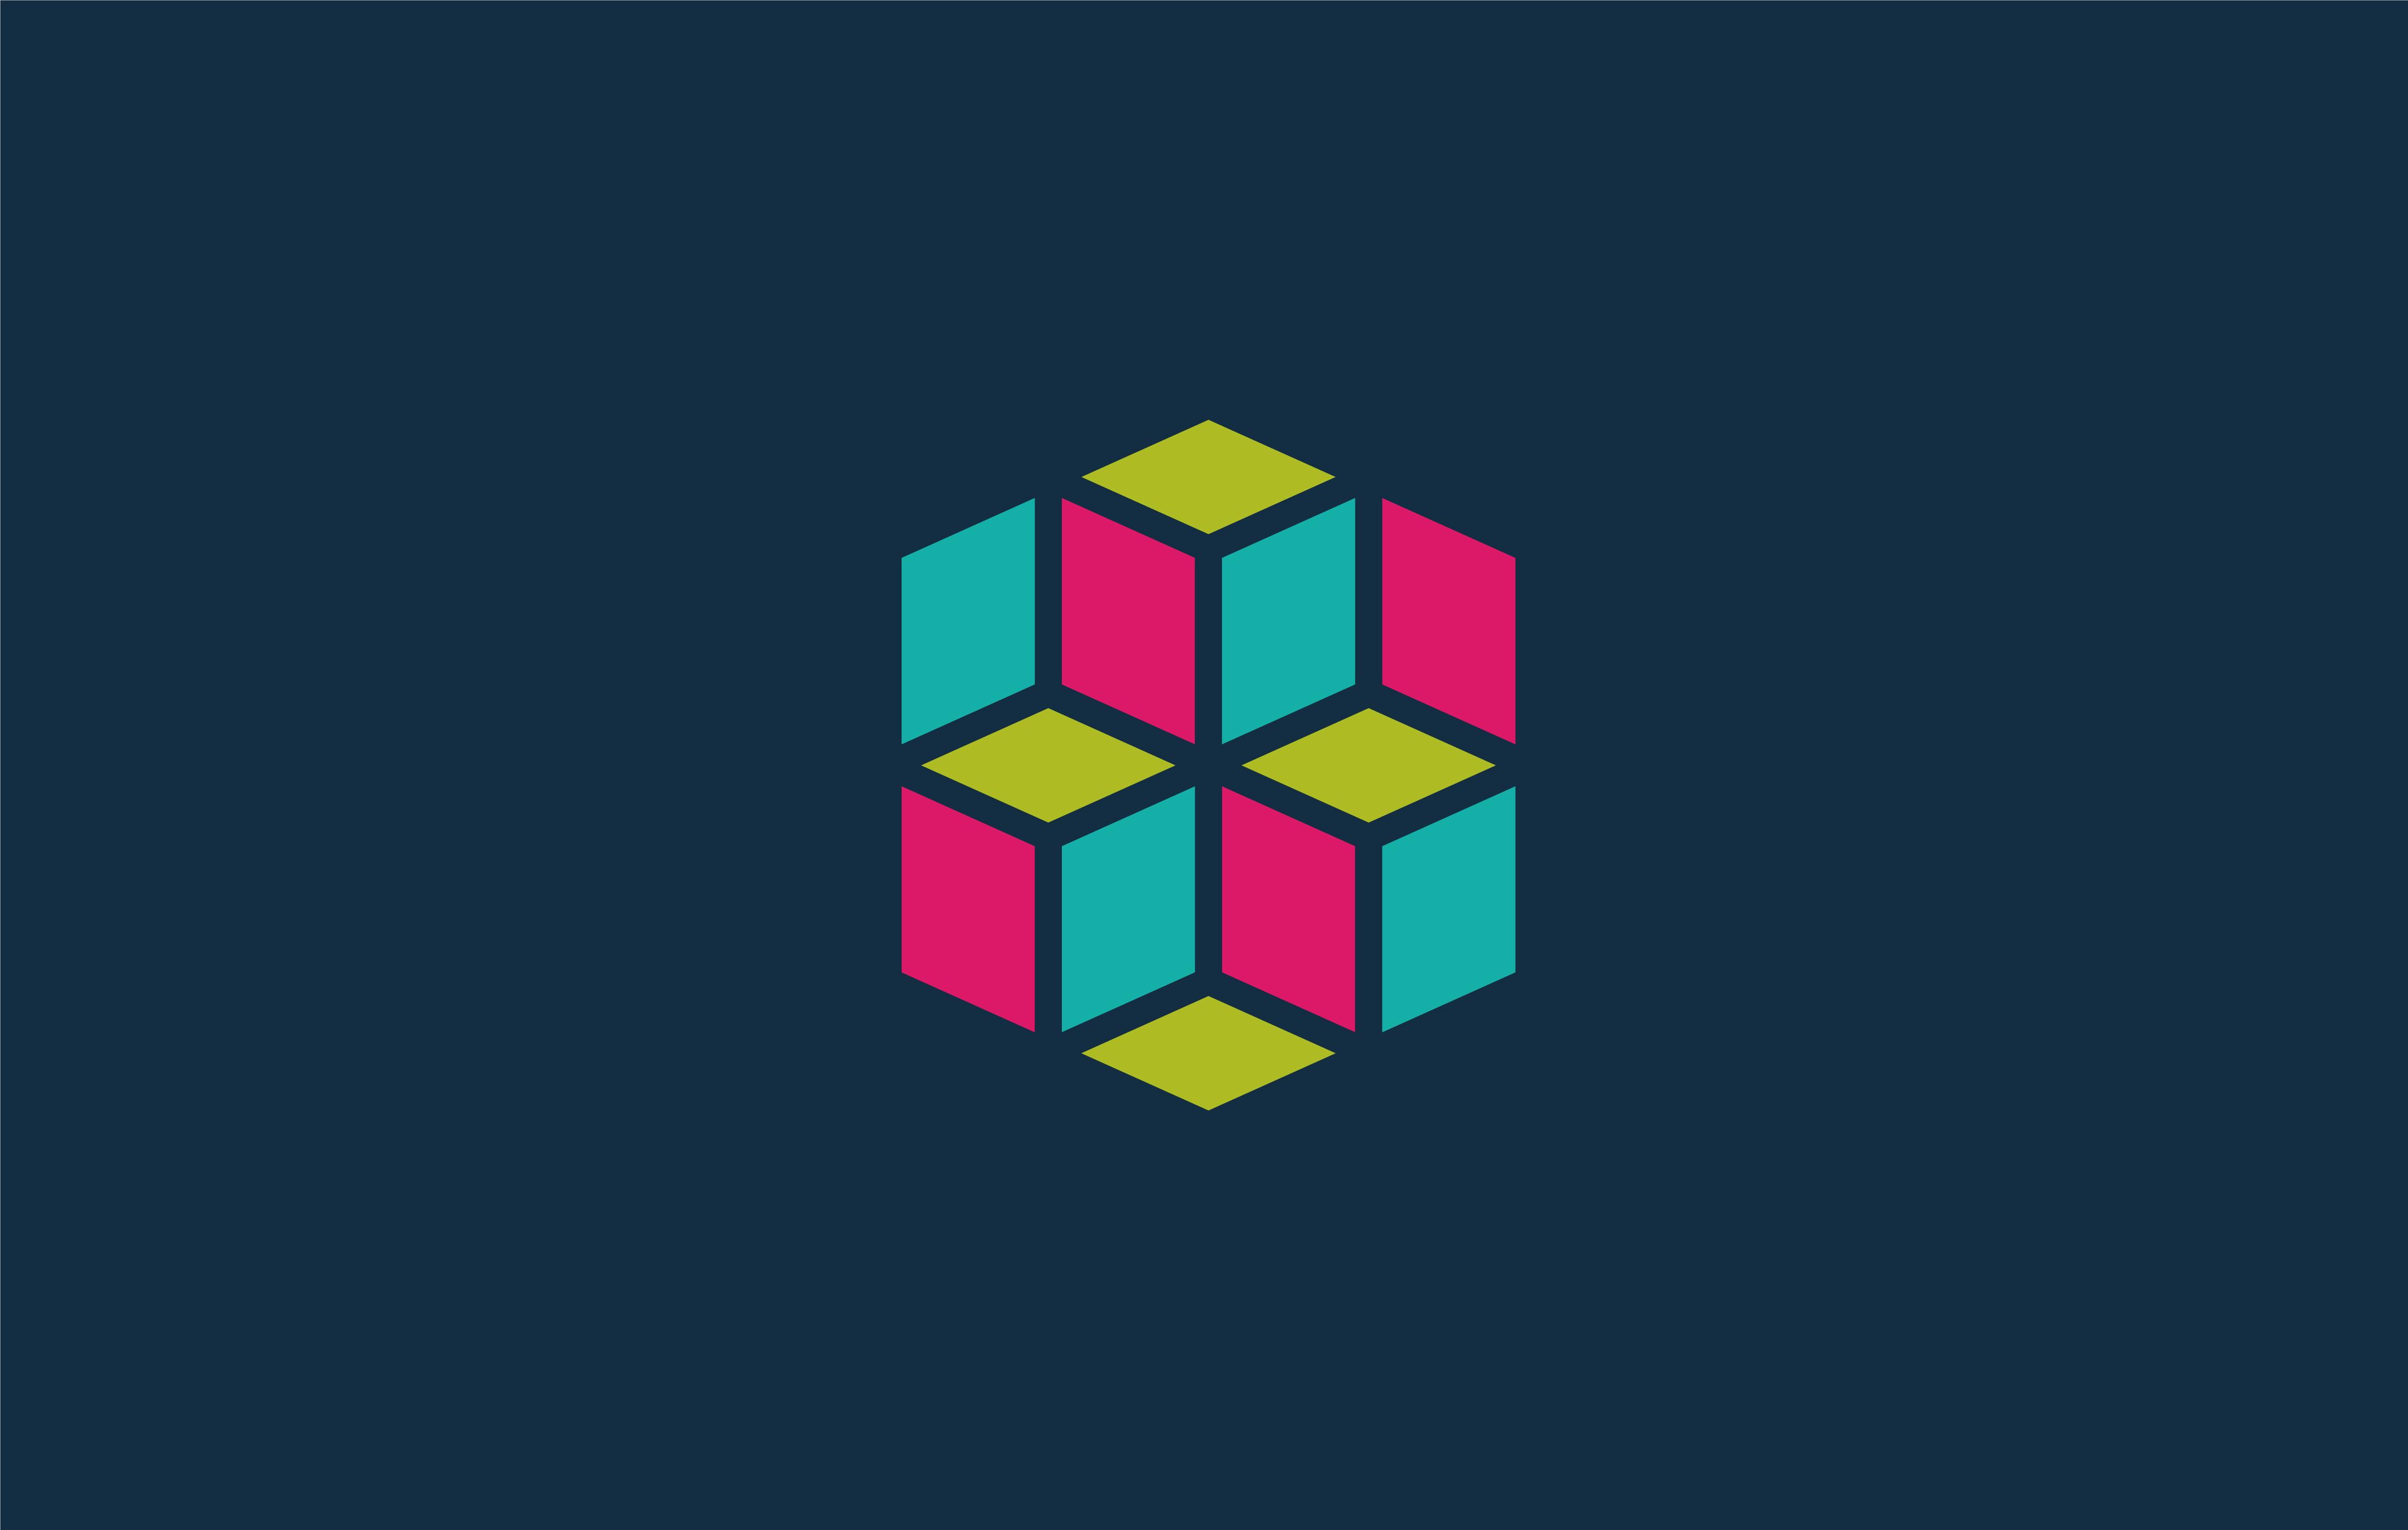 Wesolve - Estudio Rana - Diseño Gráfico y Comunicación